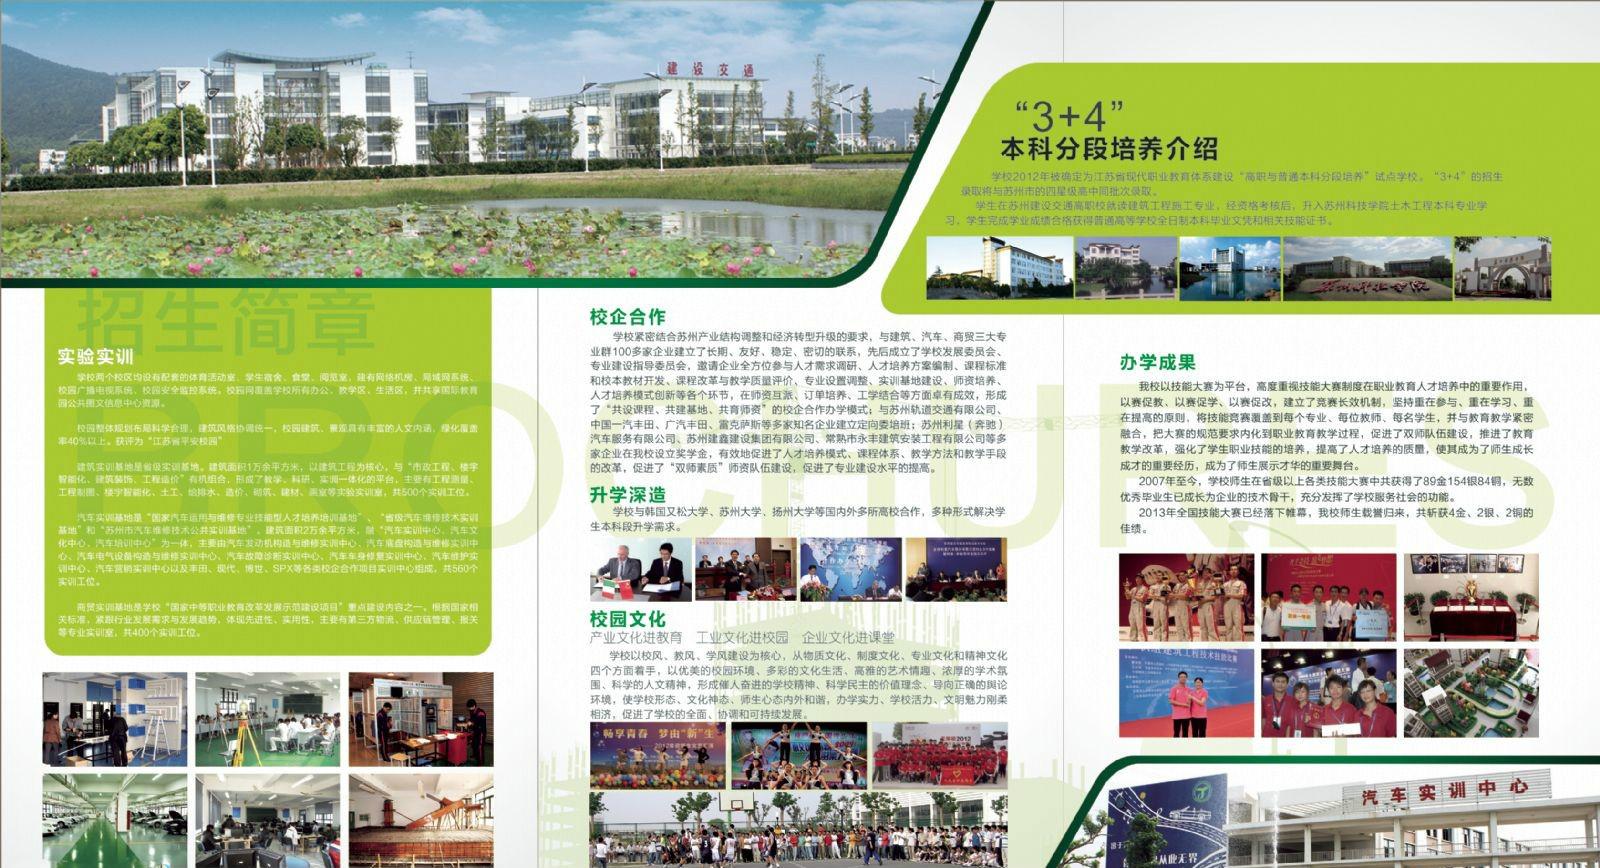 2014年苏州建设交通高等职业技术学校招生简